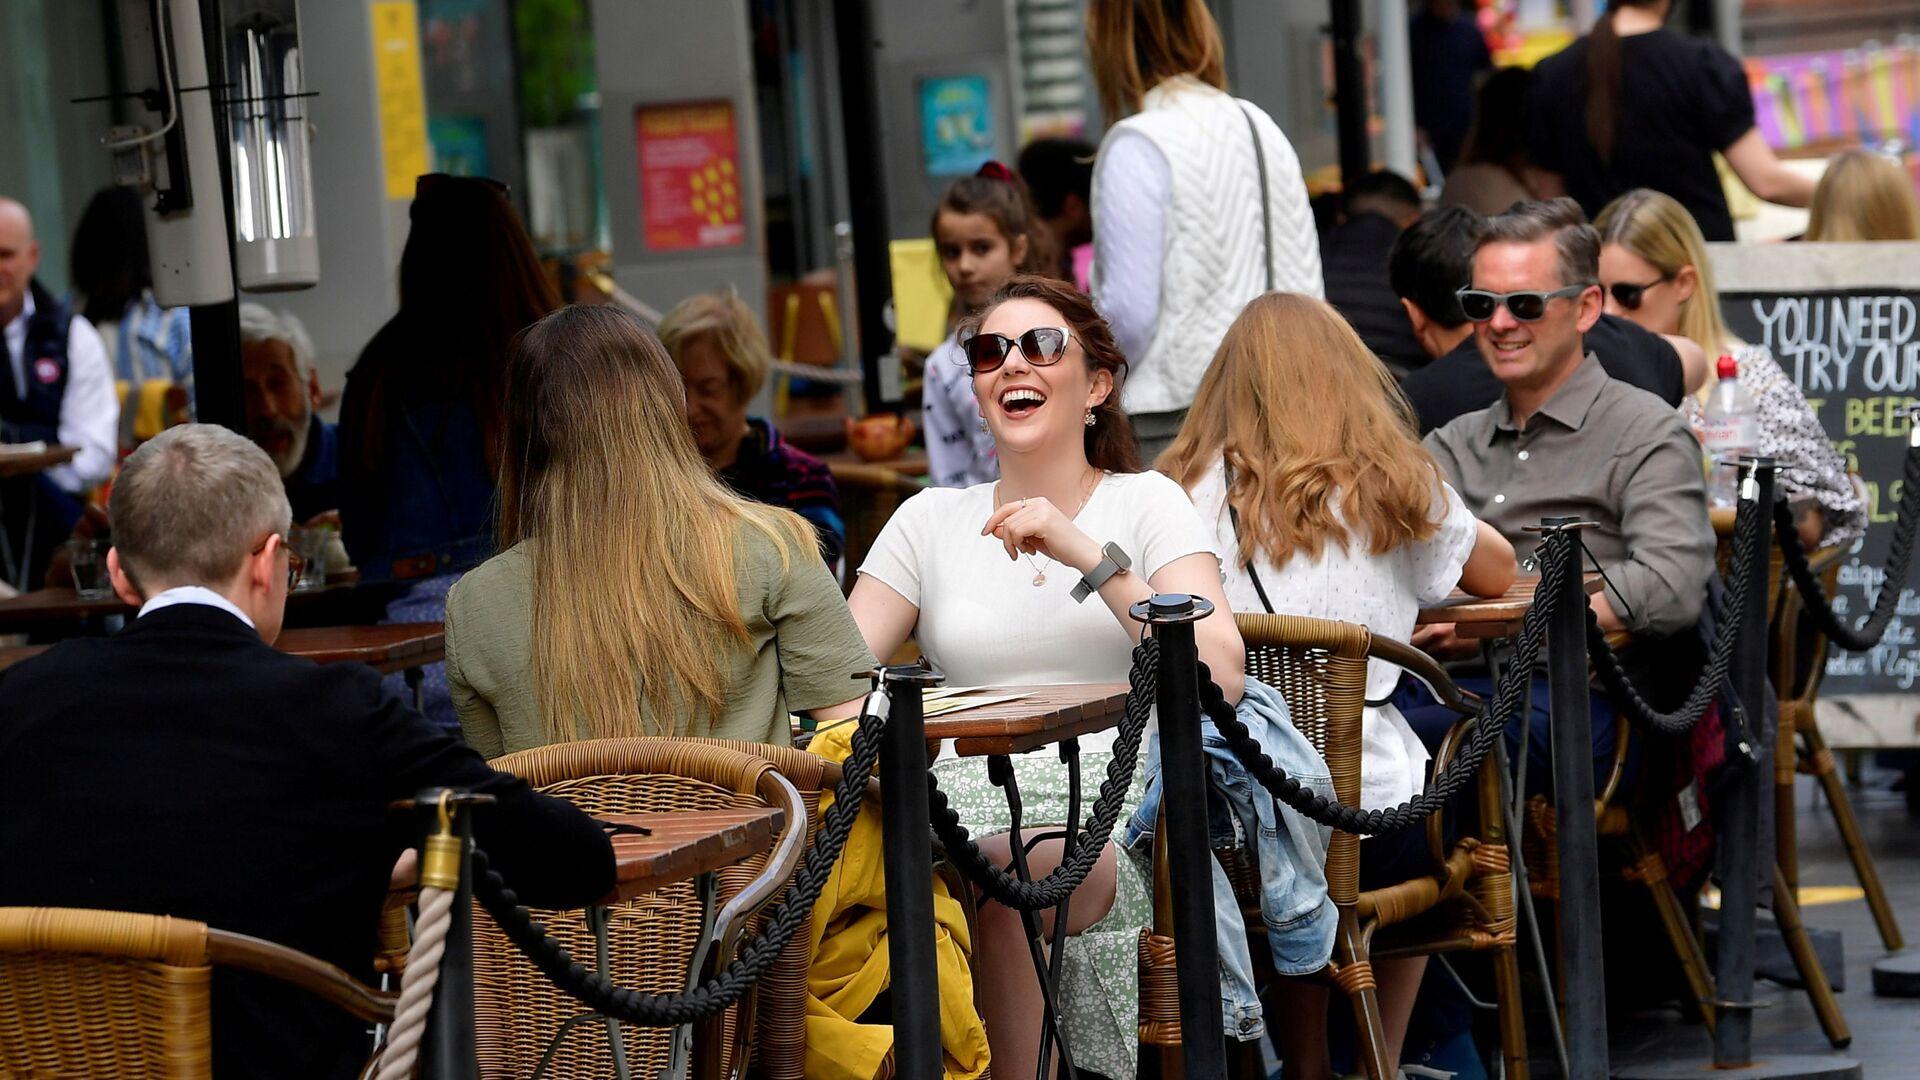 Посетители кафе на улице South Bank в Лондоне, Великобритания - Sputnik Polska, 1920, 11.10.2021